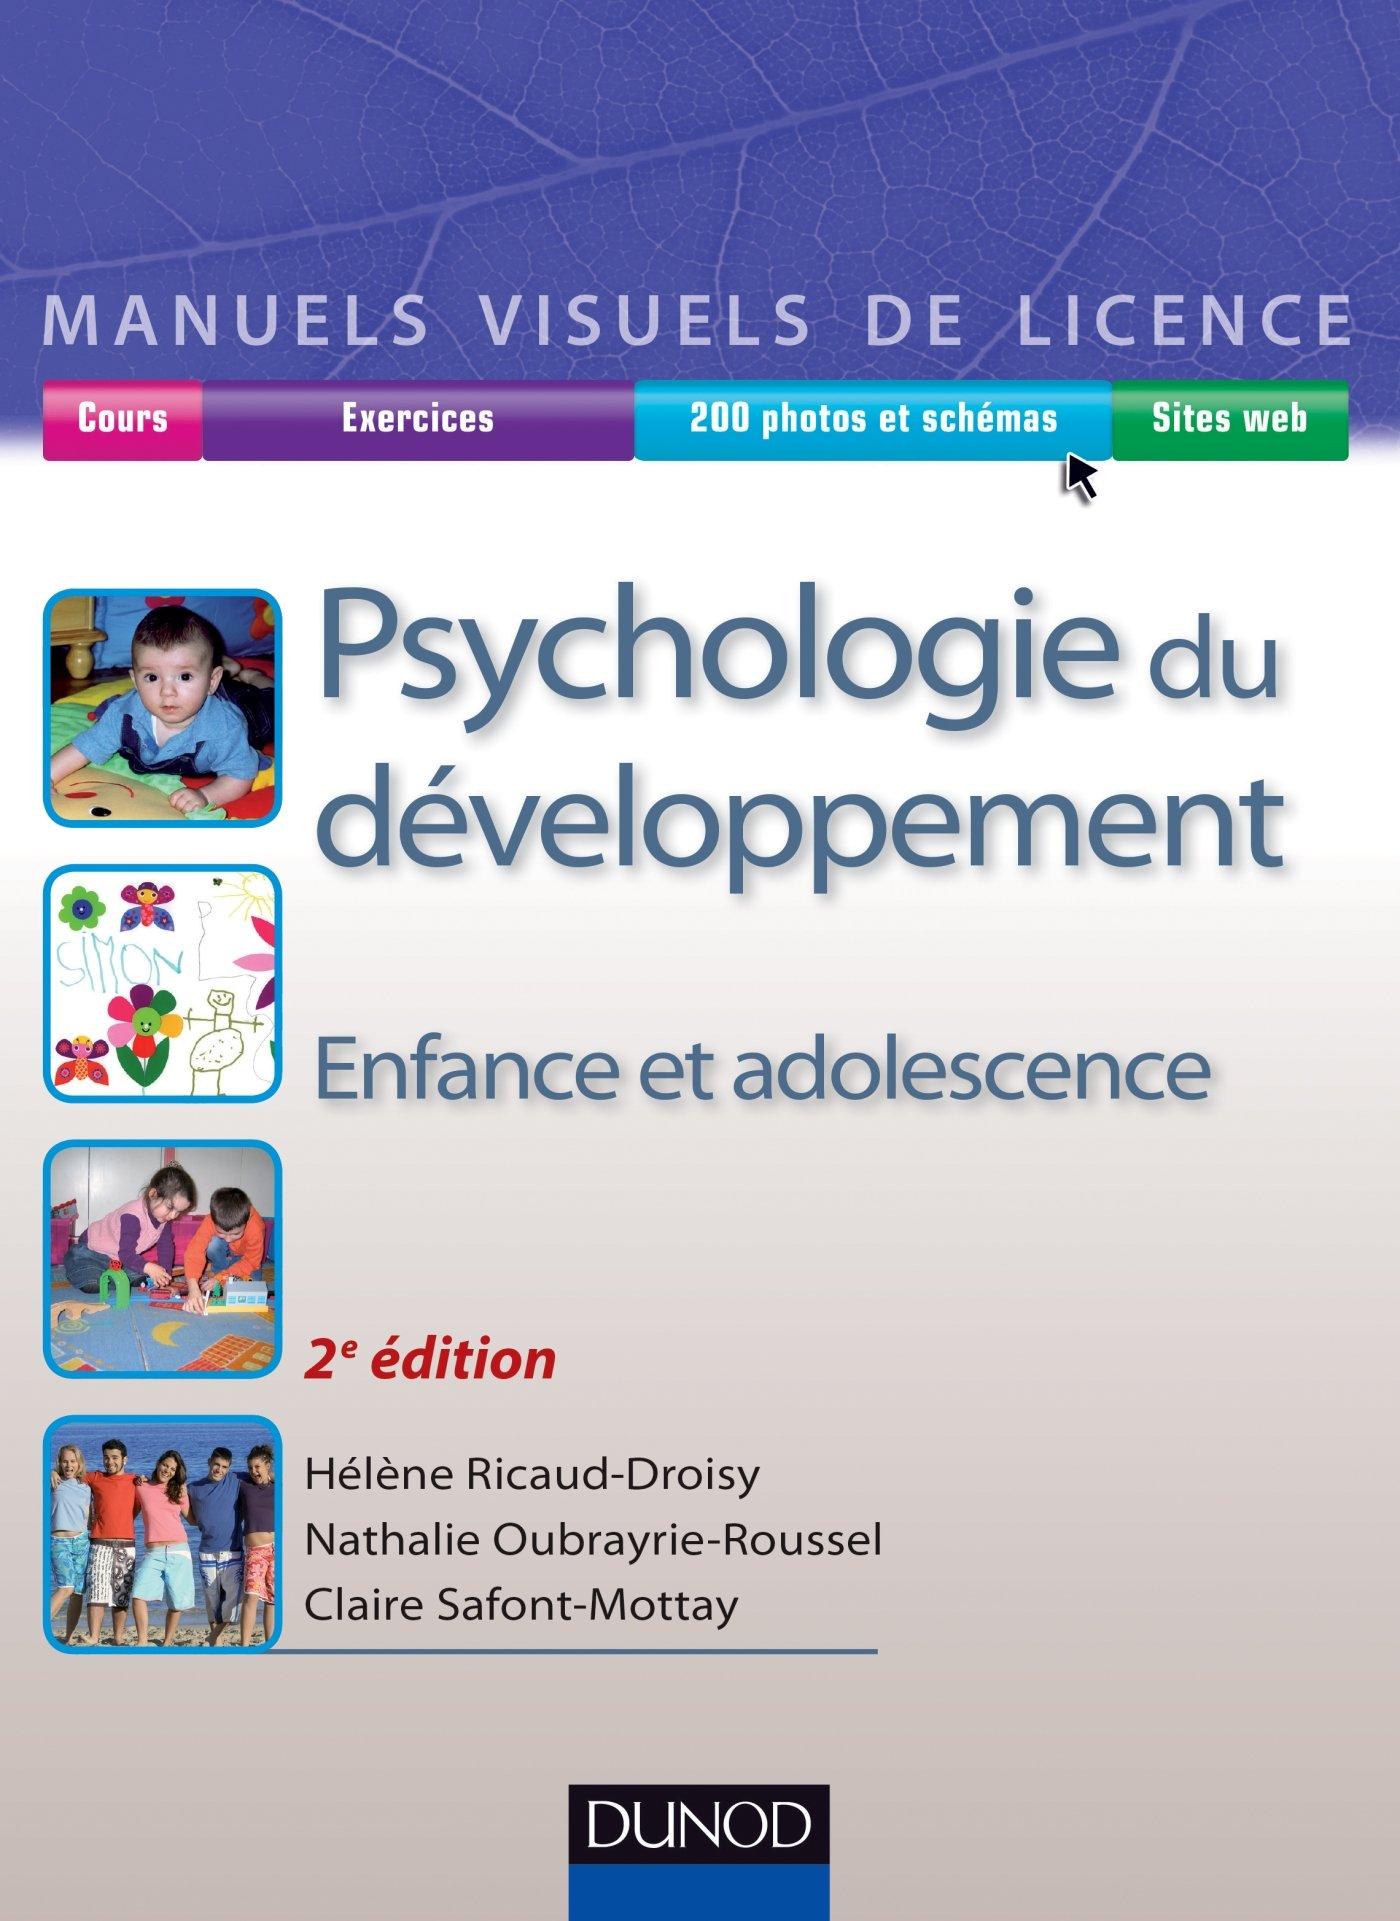 Manuel visuel de psychologie du développement - 2ed. - Enfance et adolescence Broché – 2 juillet 2014 Hélène Ricaud-Droisy Nathalie Oubrayrie-Roussel Claire Safont-Mottay Dunod